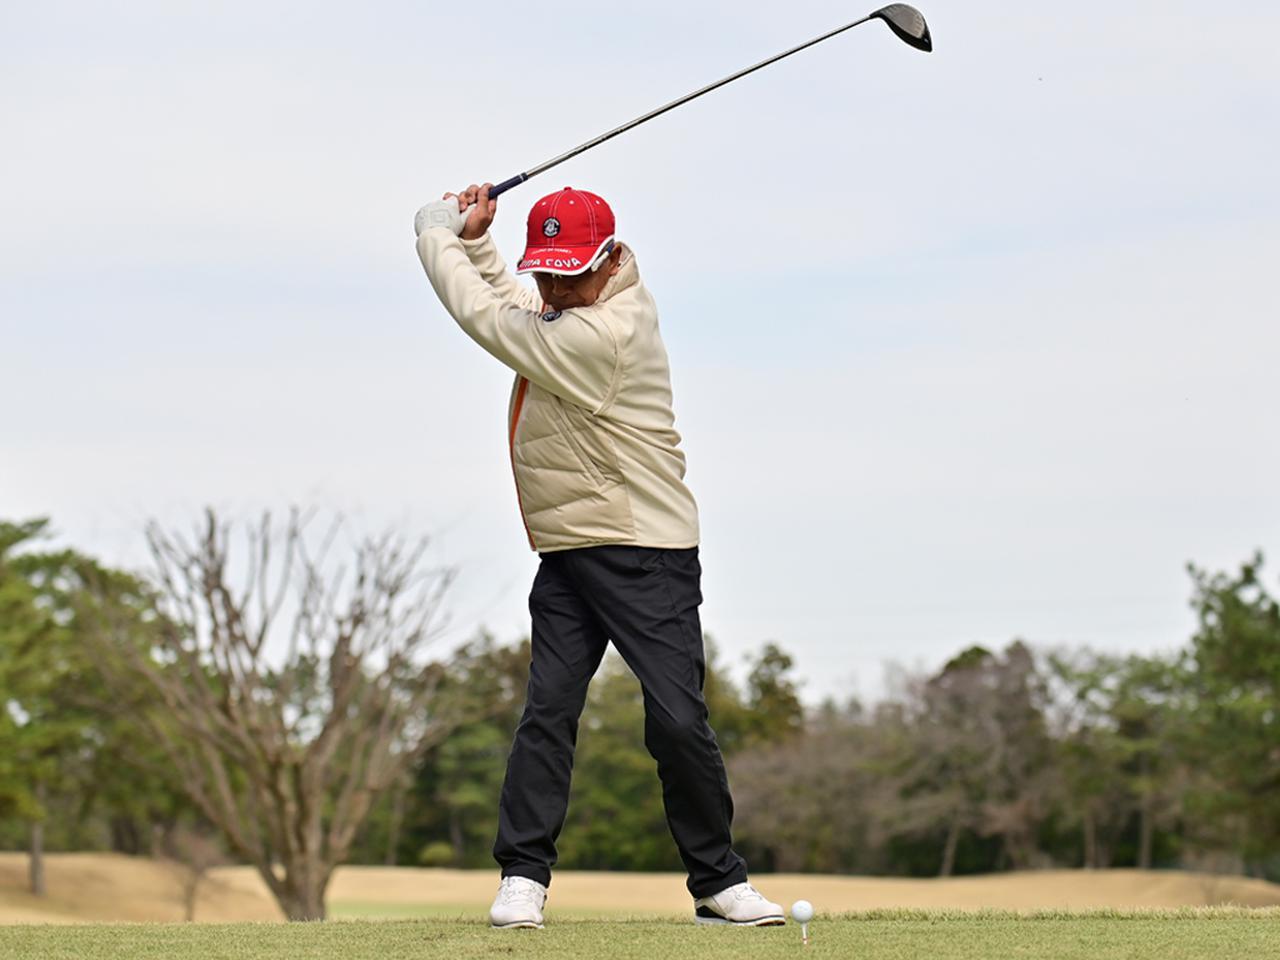 画像12: 【ティショット】真っすぐ打とうとするからミスがなくならない! ゴルフは曲げるが勝ち!